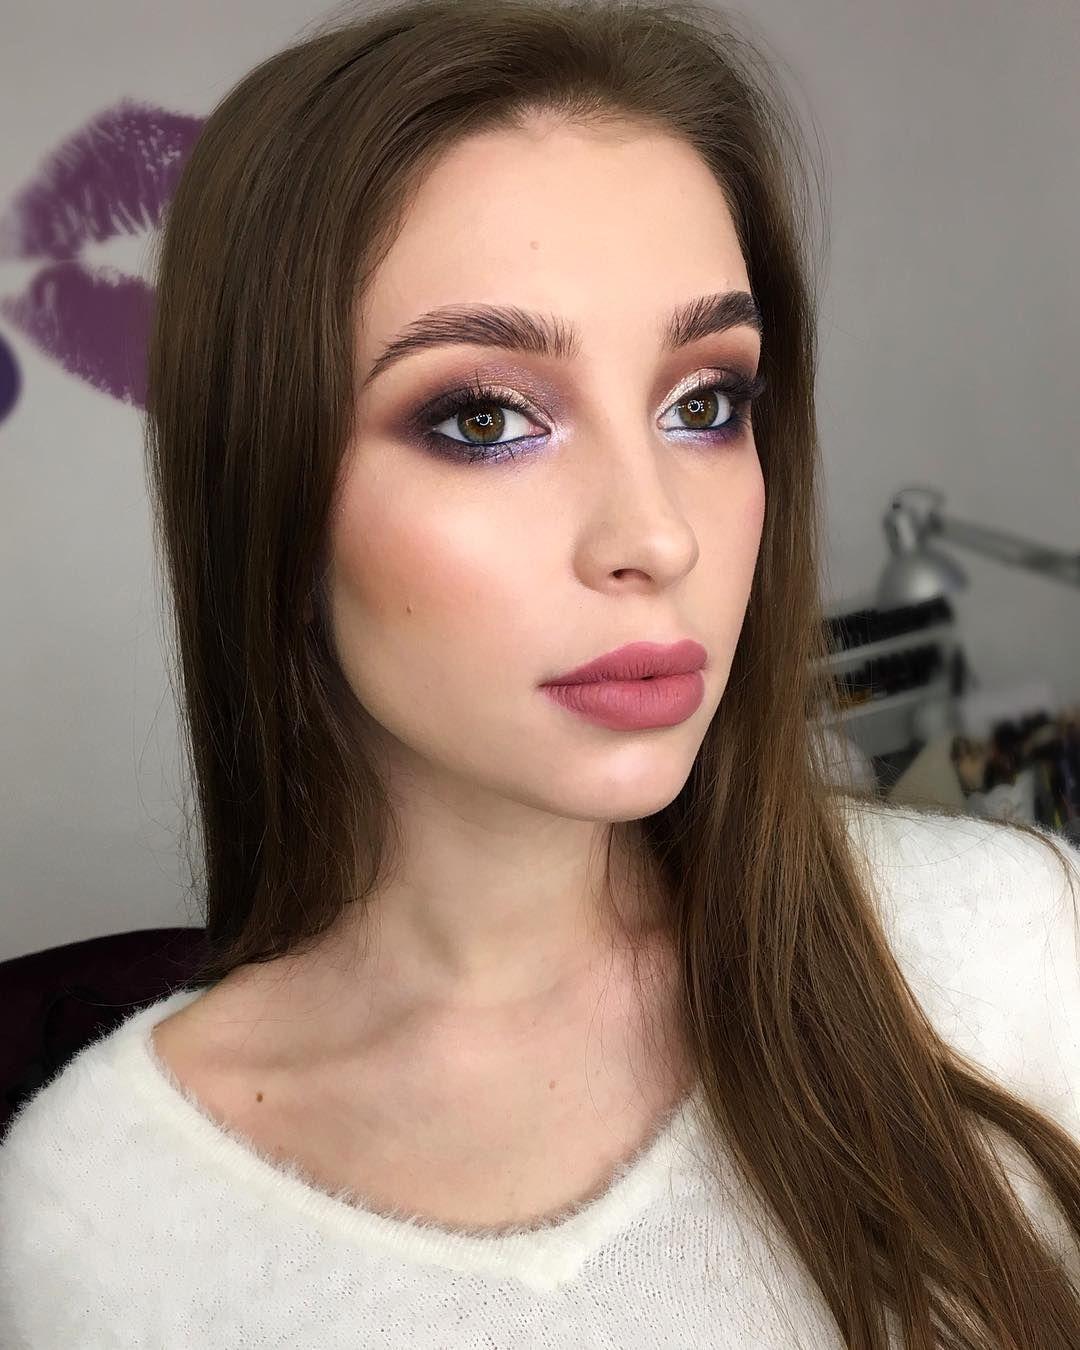 Модели на макияж киев певица кукла фото